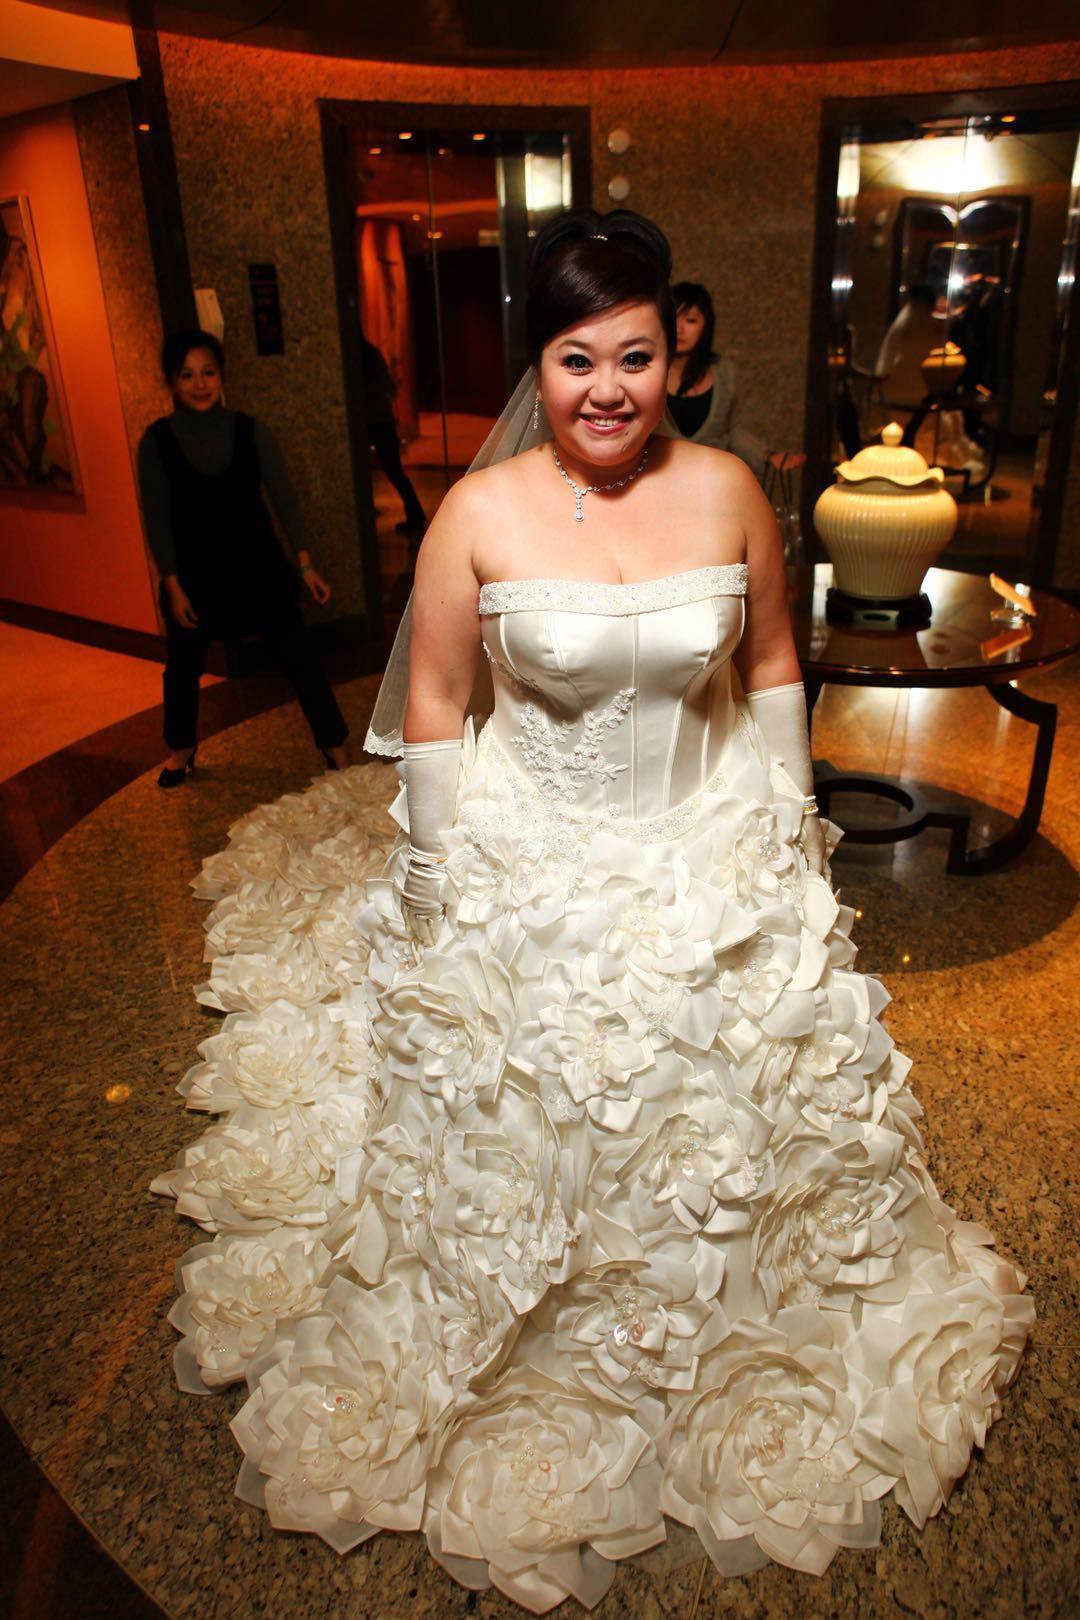 鍾欣凌:新娘想要容光煥發、氣色姣好,我覺得不論胖瘦,「眼神」很重要,婚禮前一天一定要睡飽!